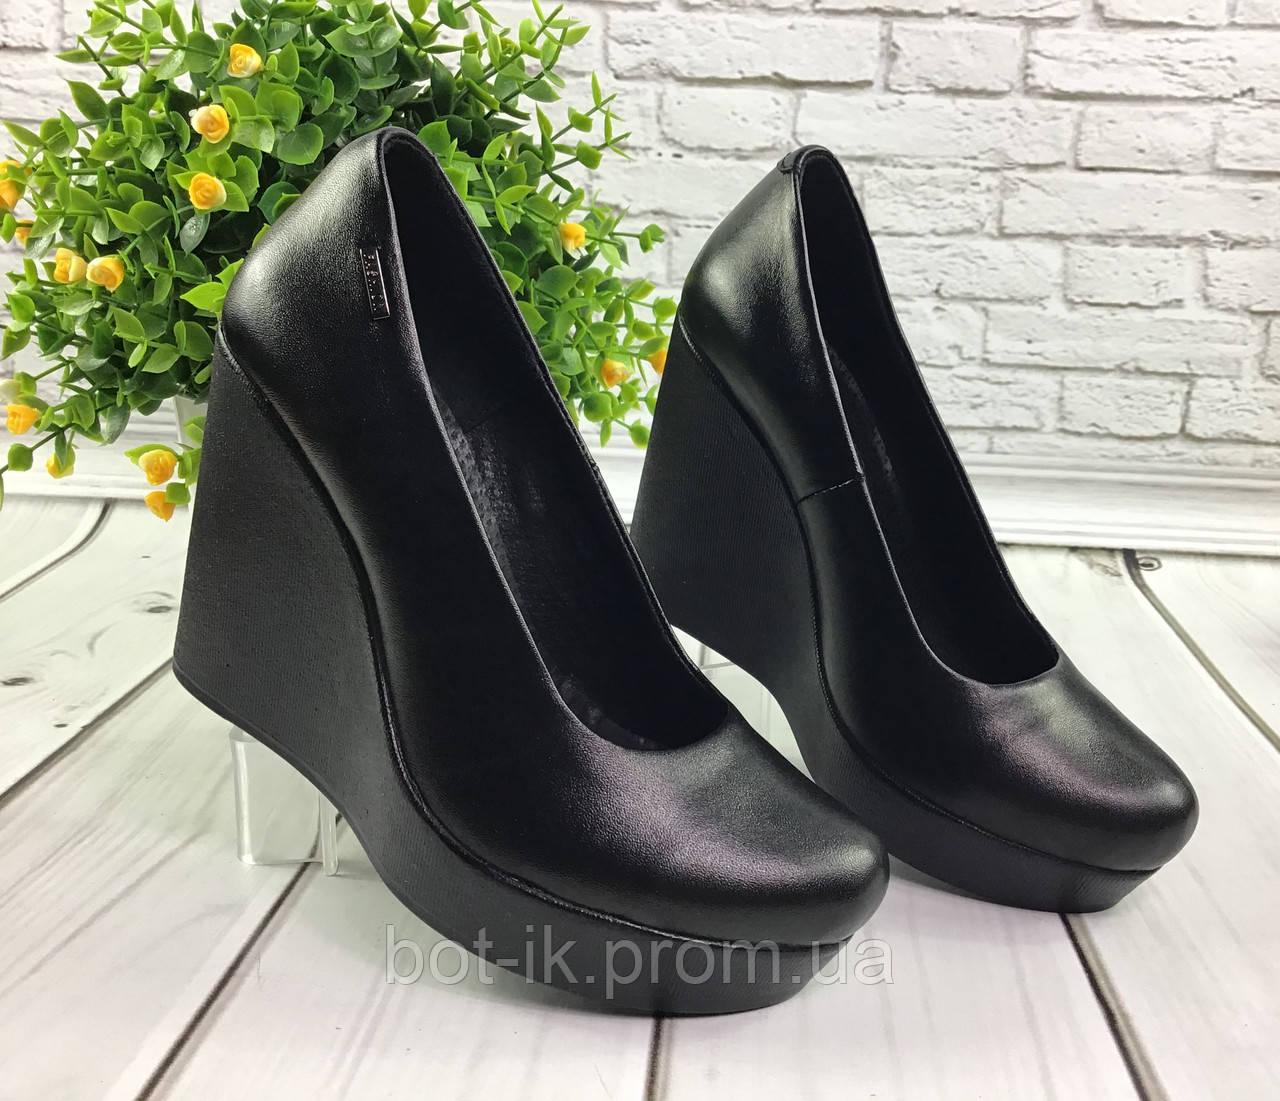 7df90a80d Классические женские туфли на средней платформе танкетке из натуральной  кожи или замша черного цвета. -